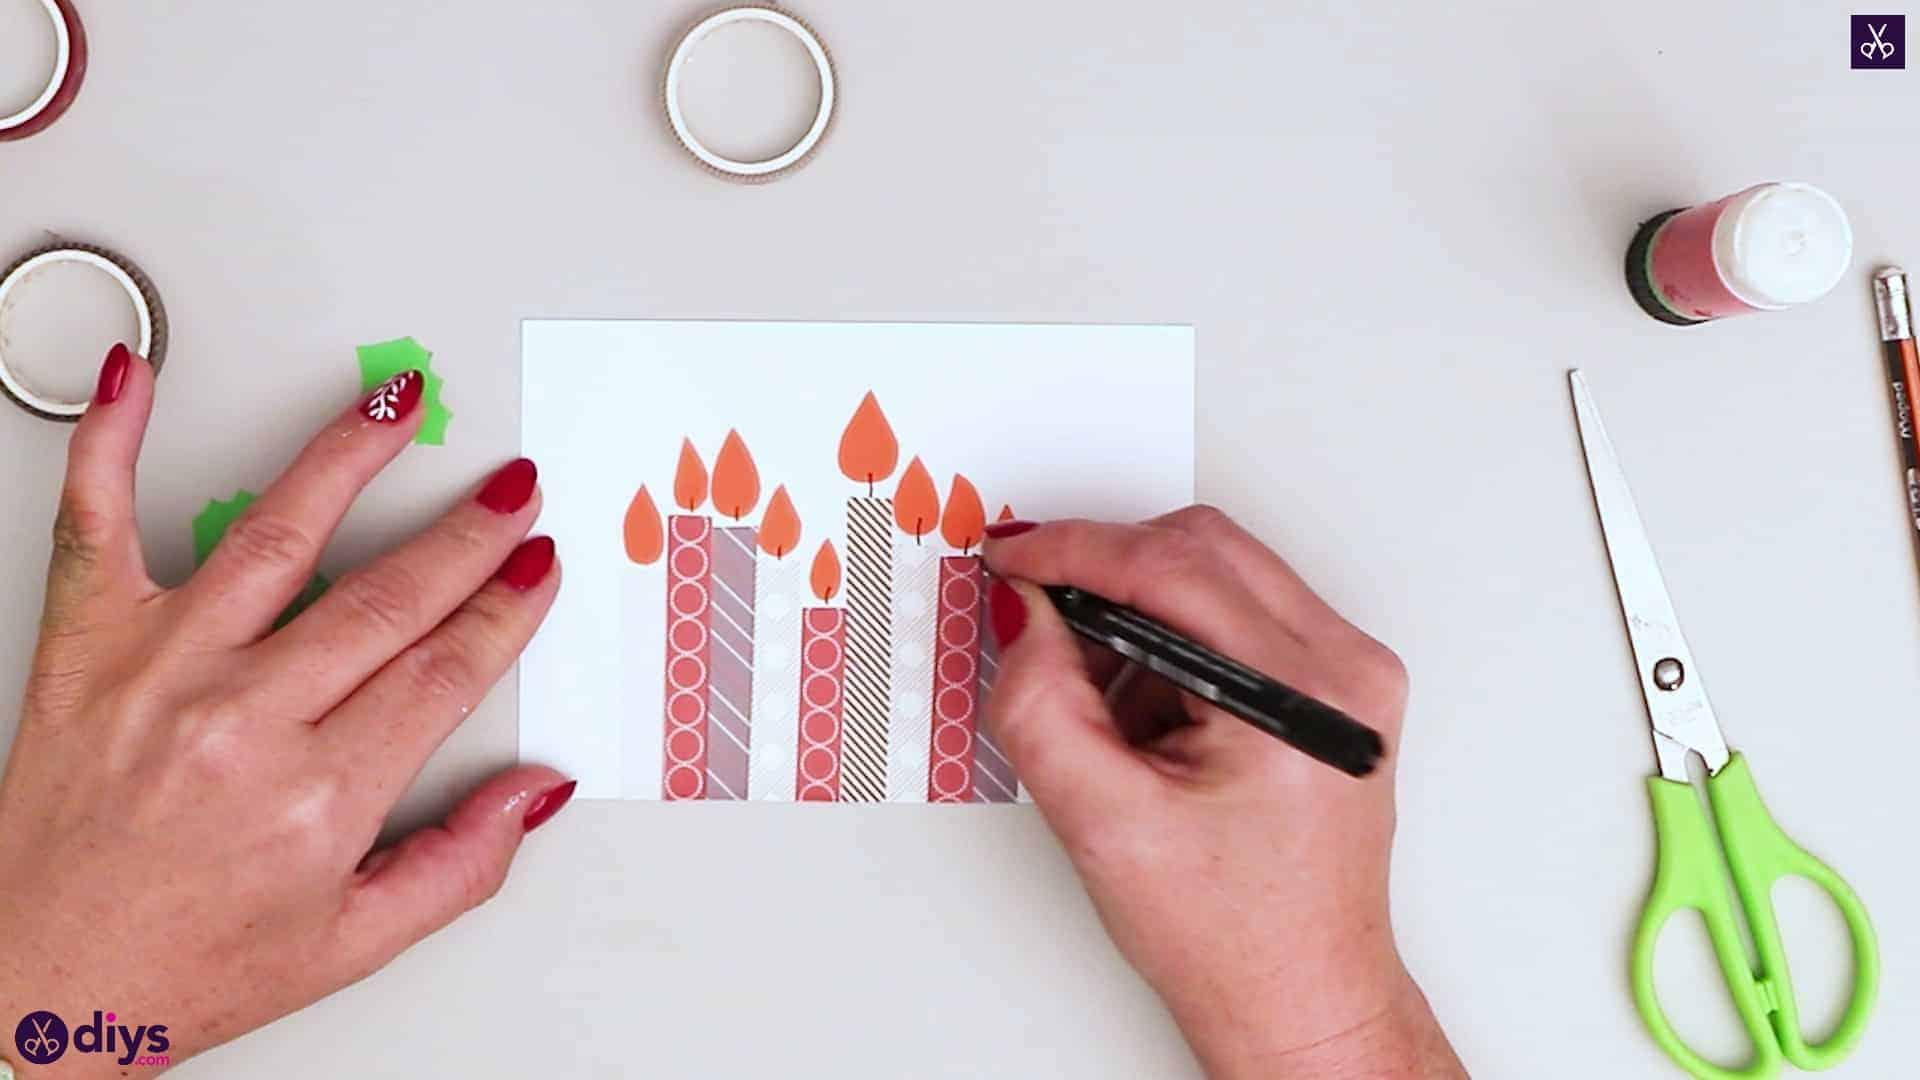 Diy birthday card step 7c